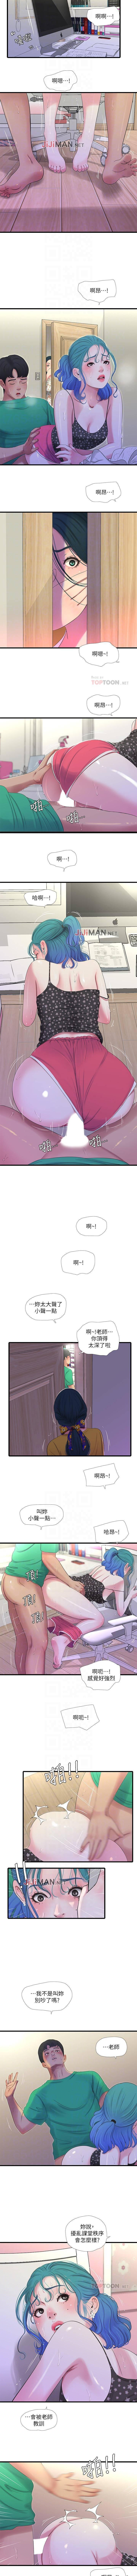 【周四连载】亲家四姐妹(作者:愛摸) 第1~31话 135